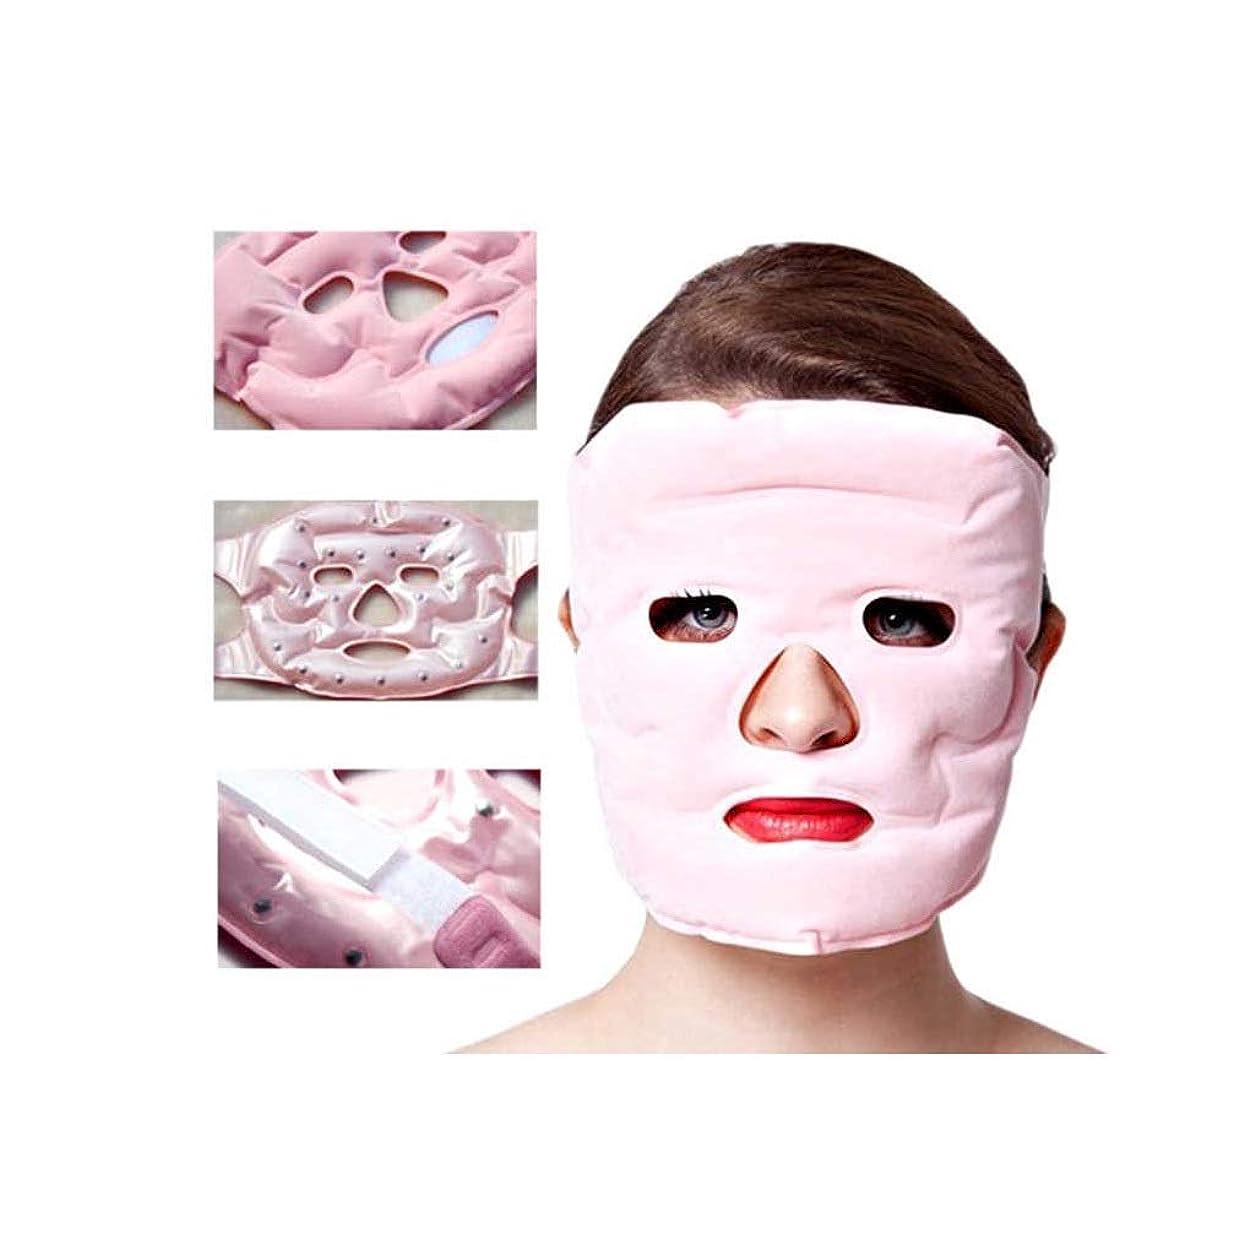 束ねるラフト立ち寄るXHLMRMJ フェイシャルスリミング、Vフェイスマスク、フェイスリフティングビューティーマスク、磁気療法リフティングフェイス、肌の状態を改善するための肌の頬の引き締め